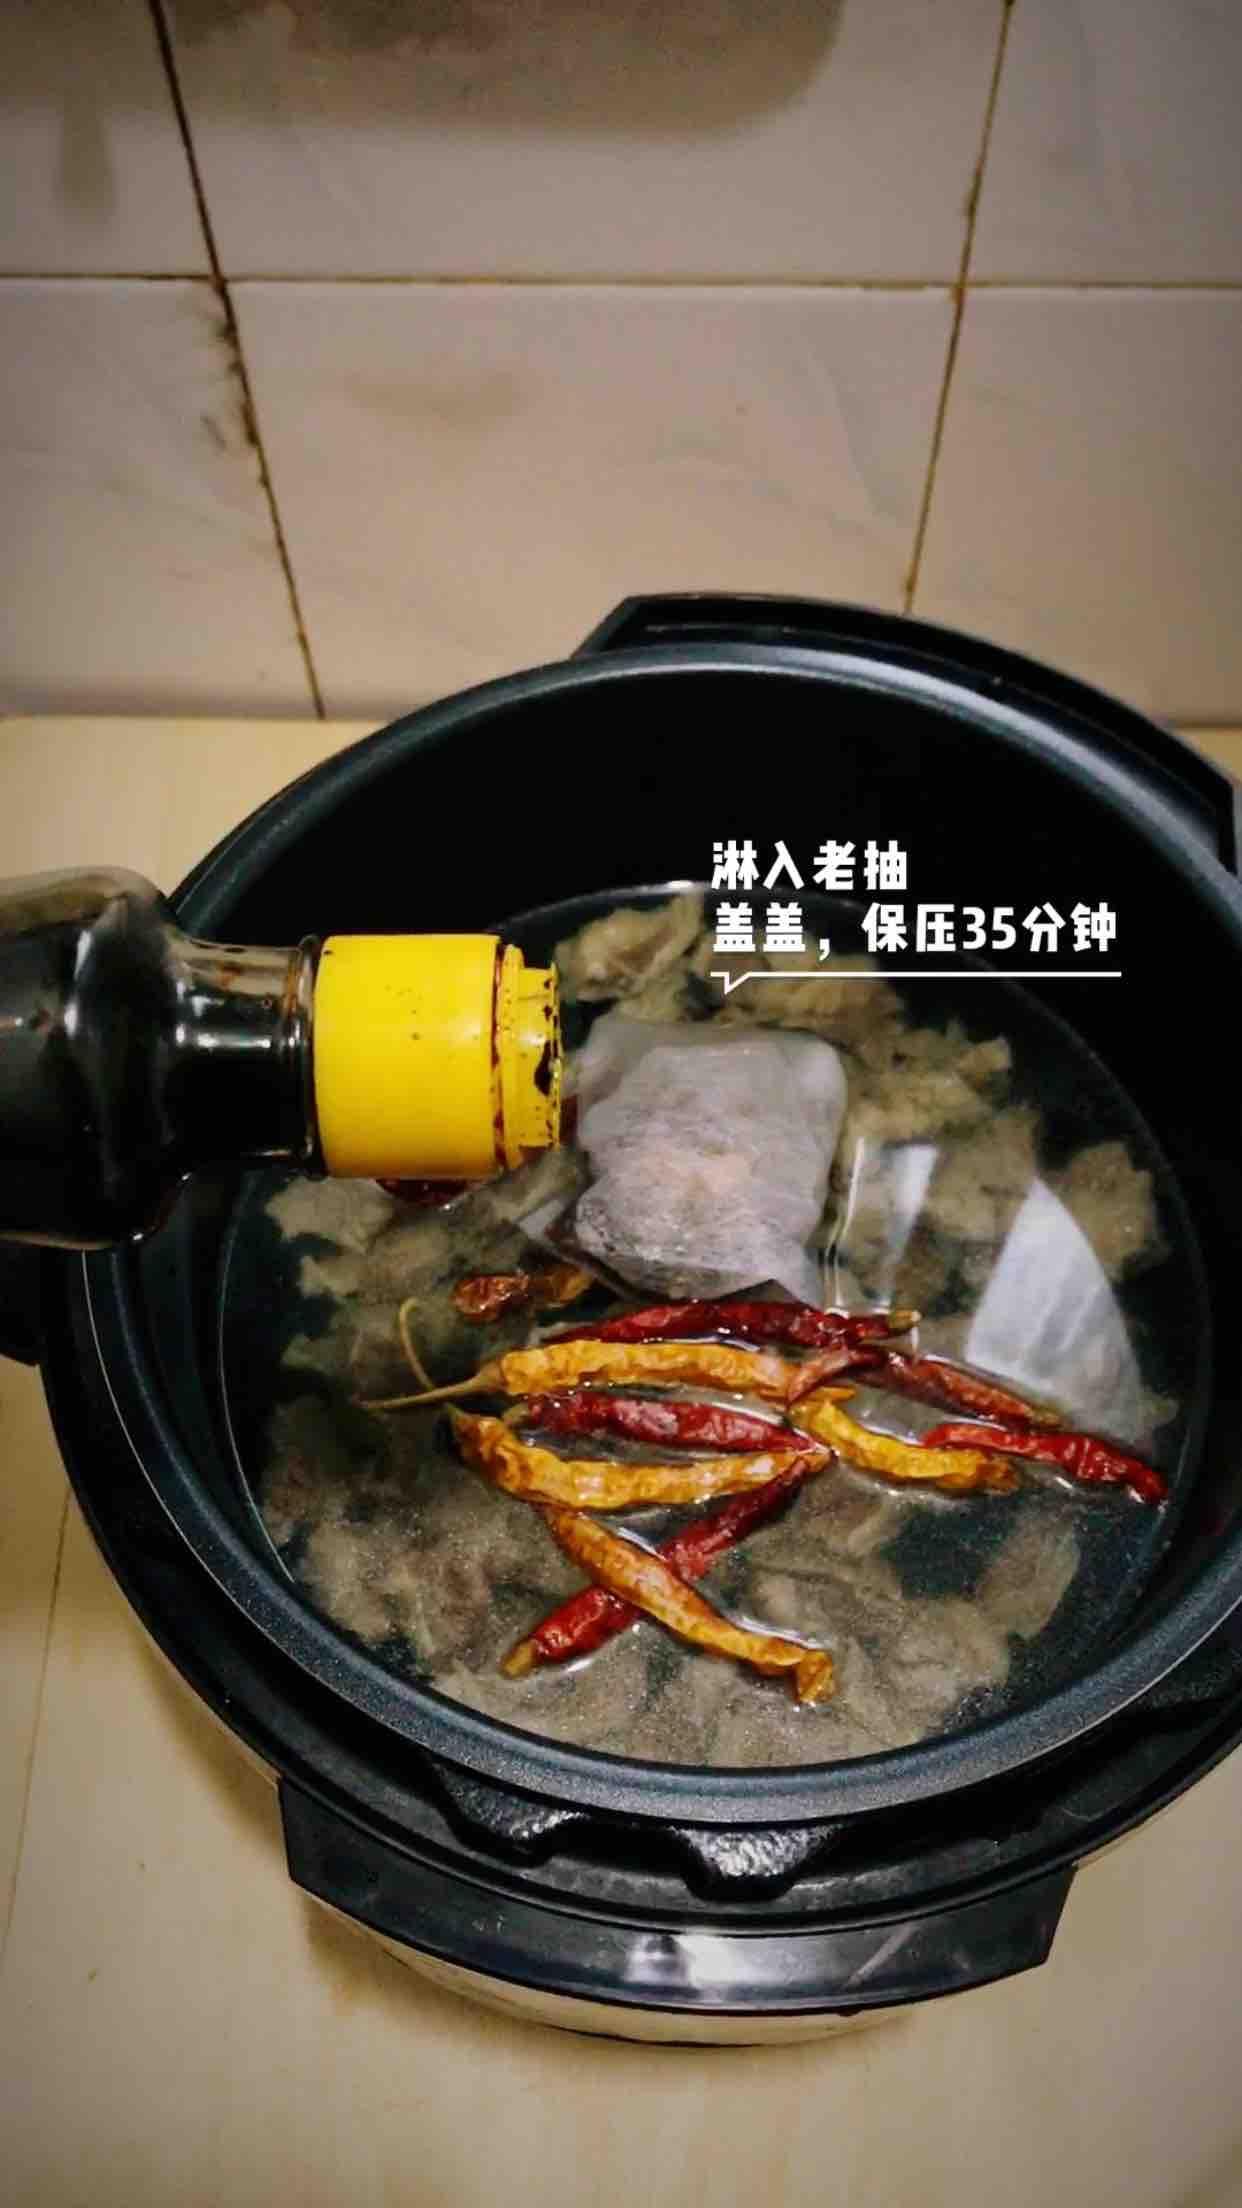 砂锅炖牛腩怎么炒